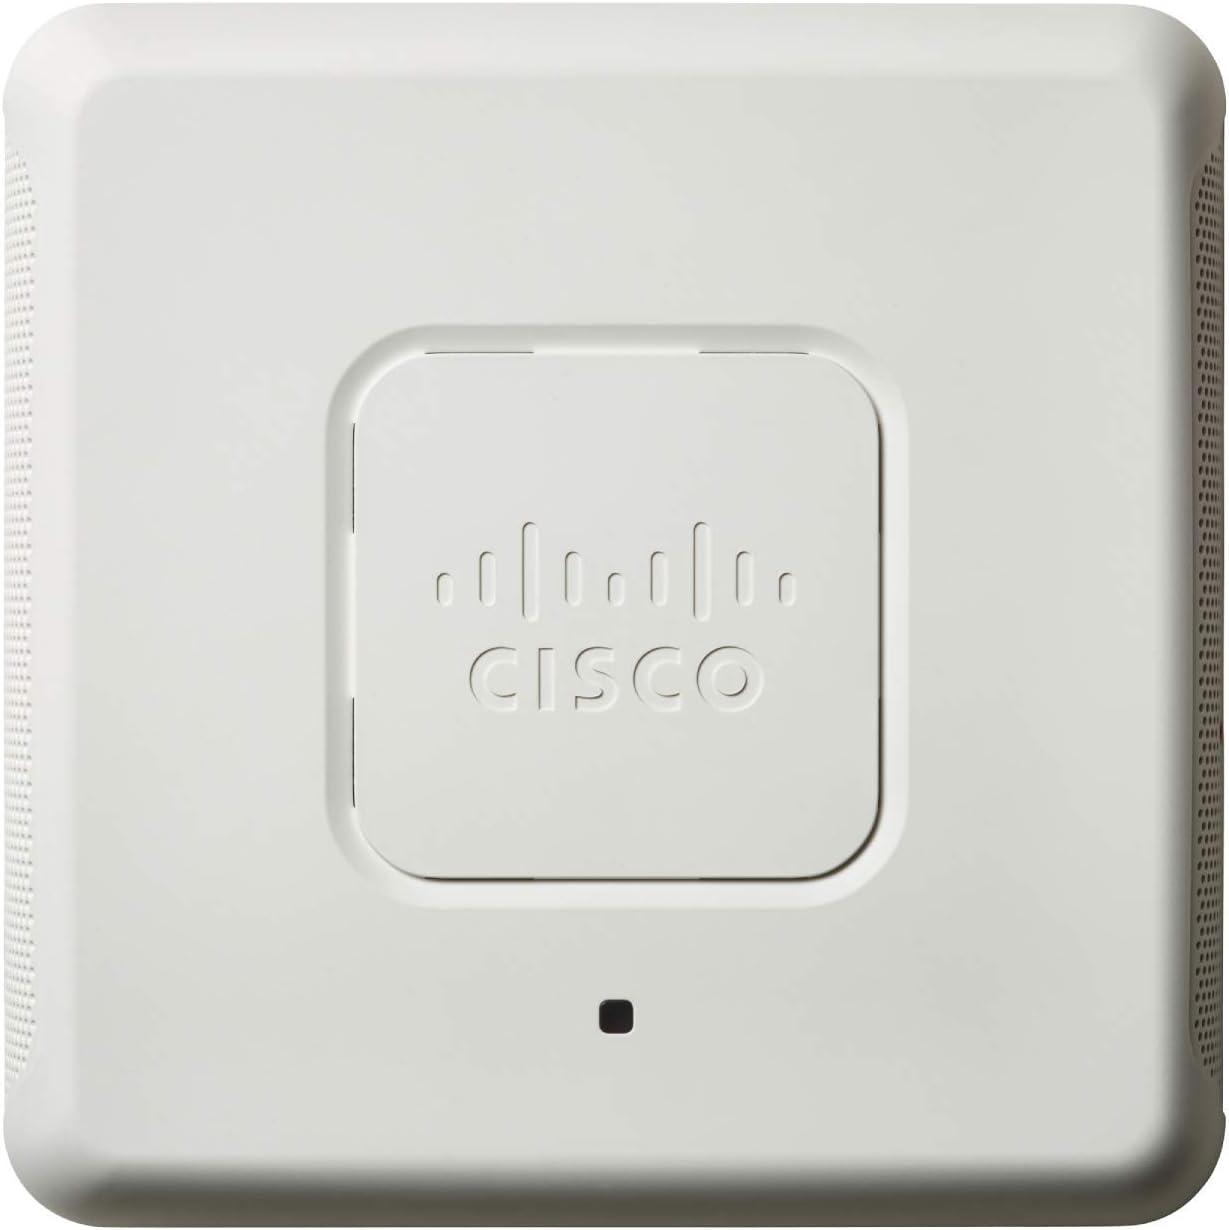 Cisco Small Business WAP571 - Wireless Access Point - 802.11 B/A/G/n/AC (WAP571-A-K9), White